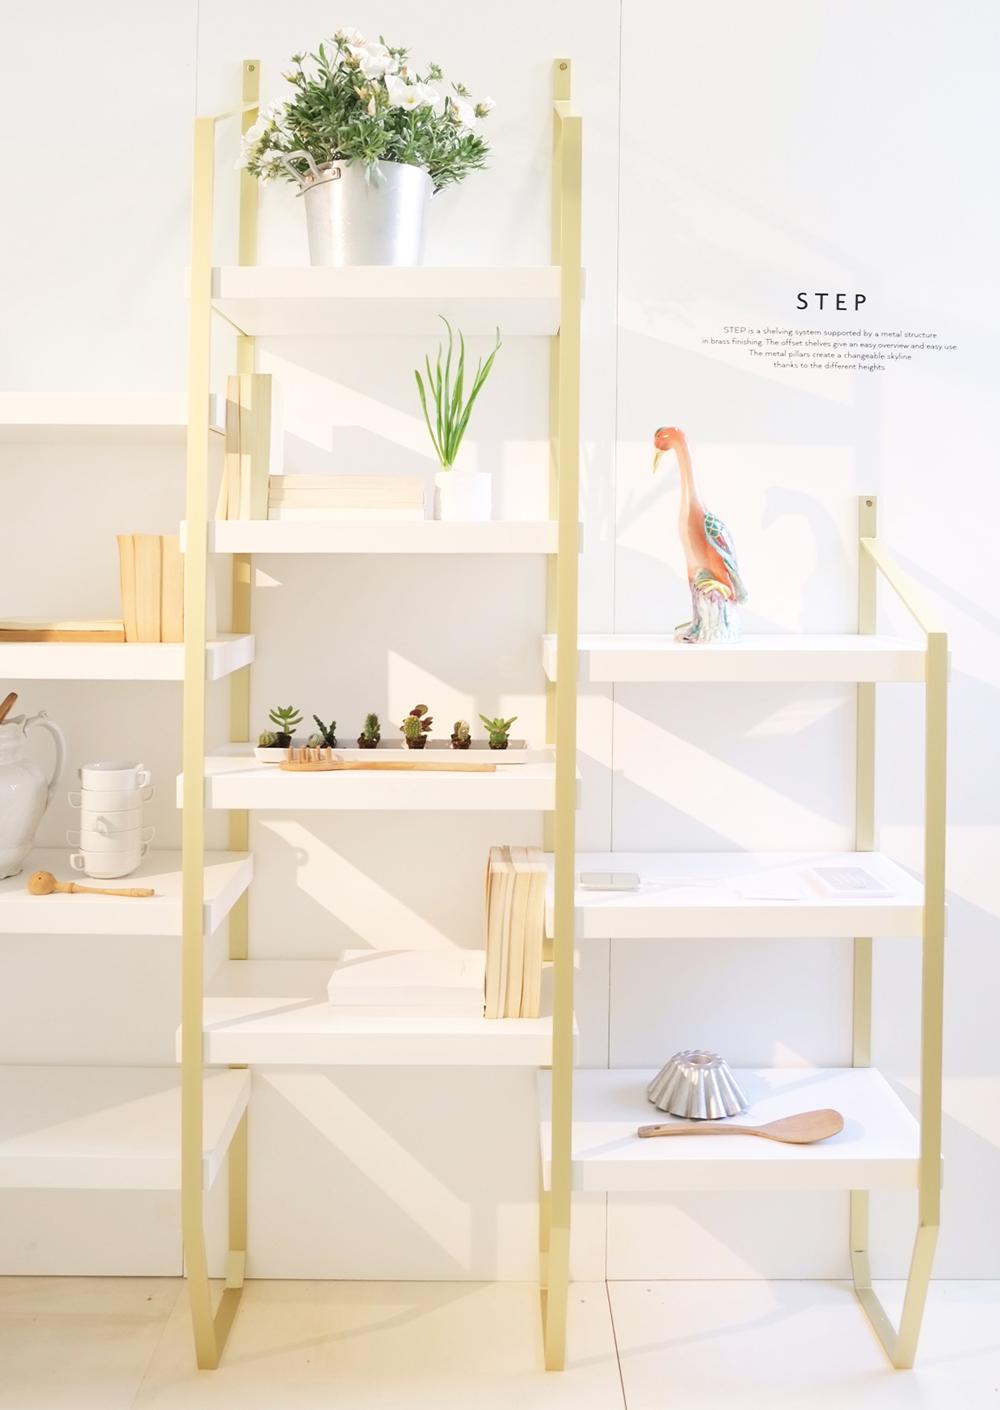 Pimpelwit interieurontwerp-salone del mobile